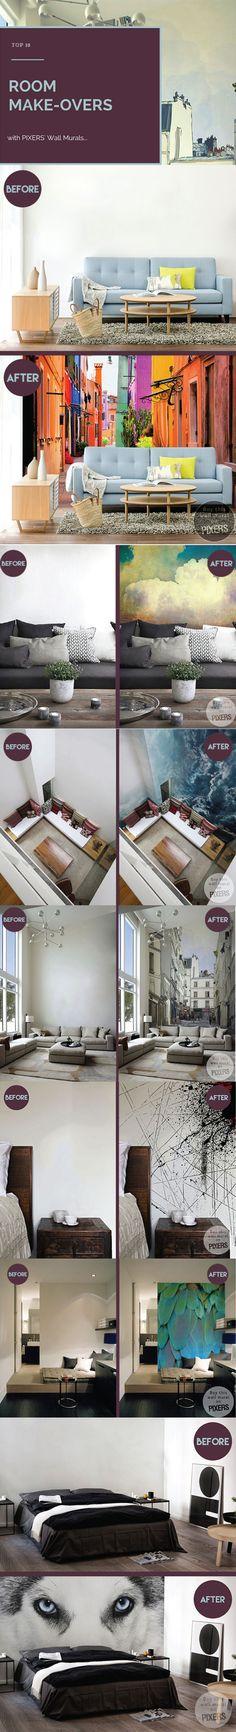 TOP 10 Best Room Make-Overs with Wall Murals <3 www.pixersize.com